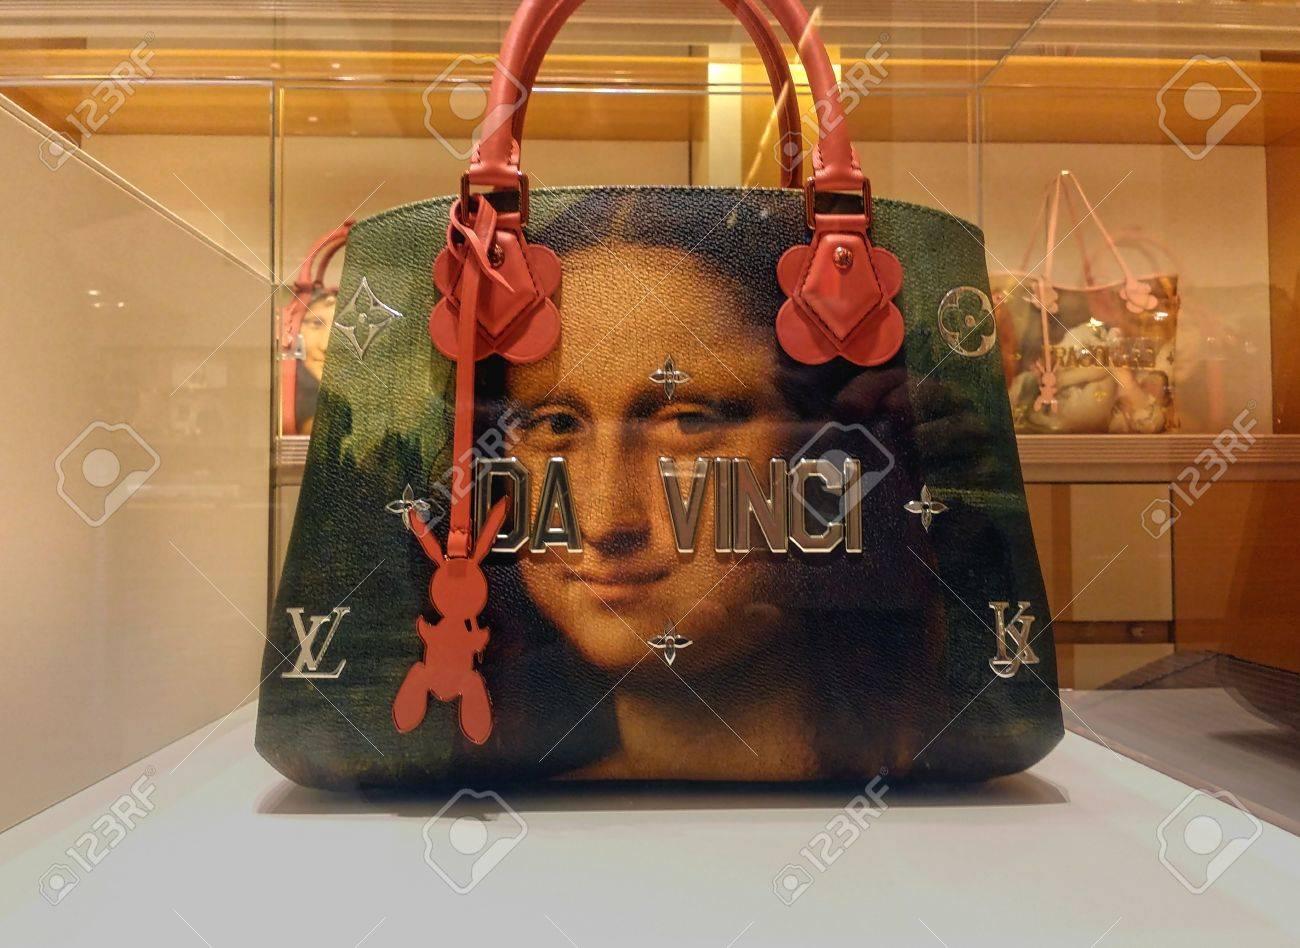 8ac1d13a1 Bolso de mano Louis Vuitton Da Vinci como parte de la colección Masters en  colaboración con